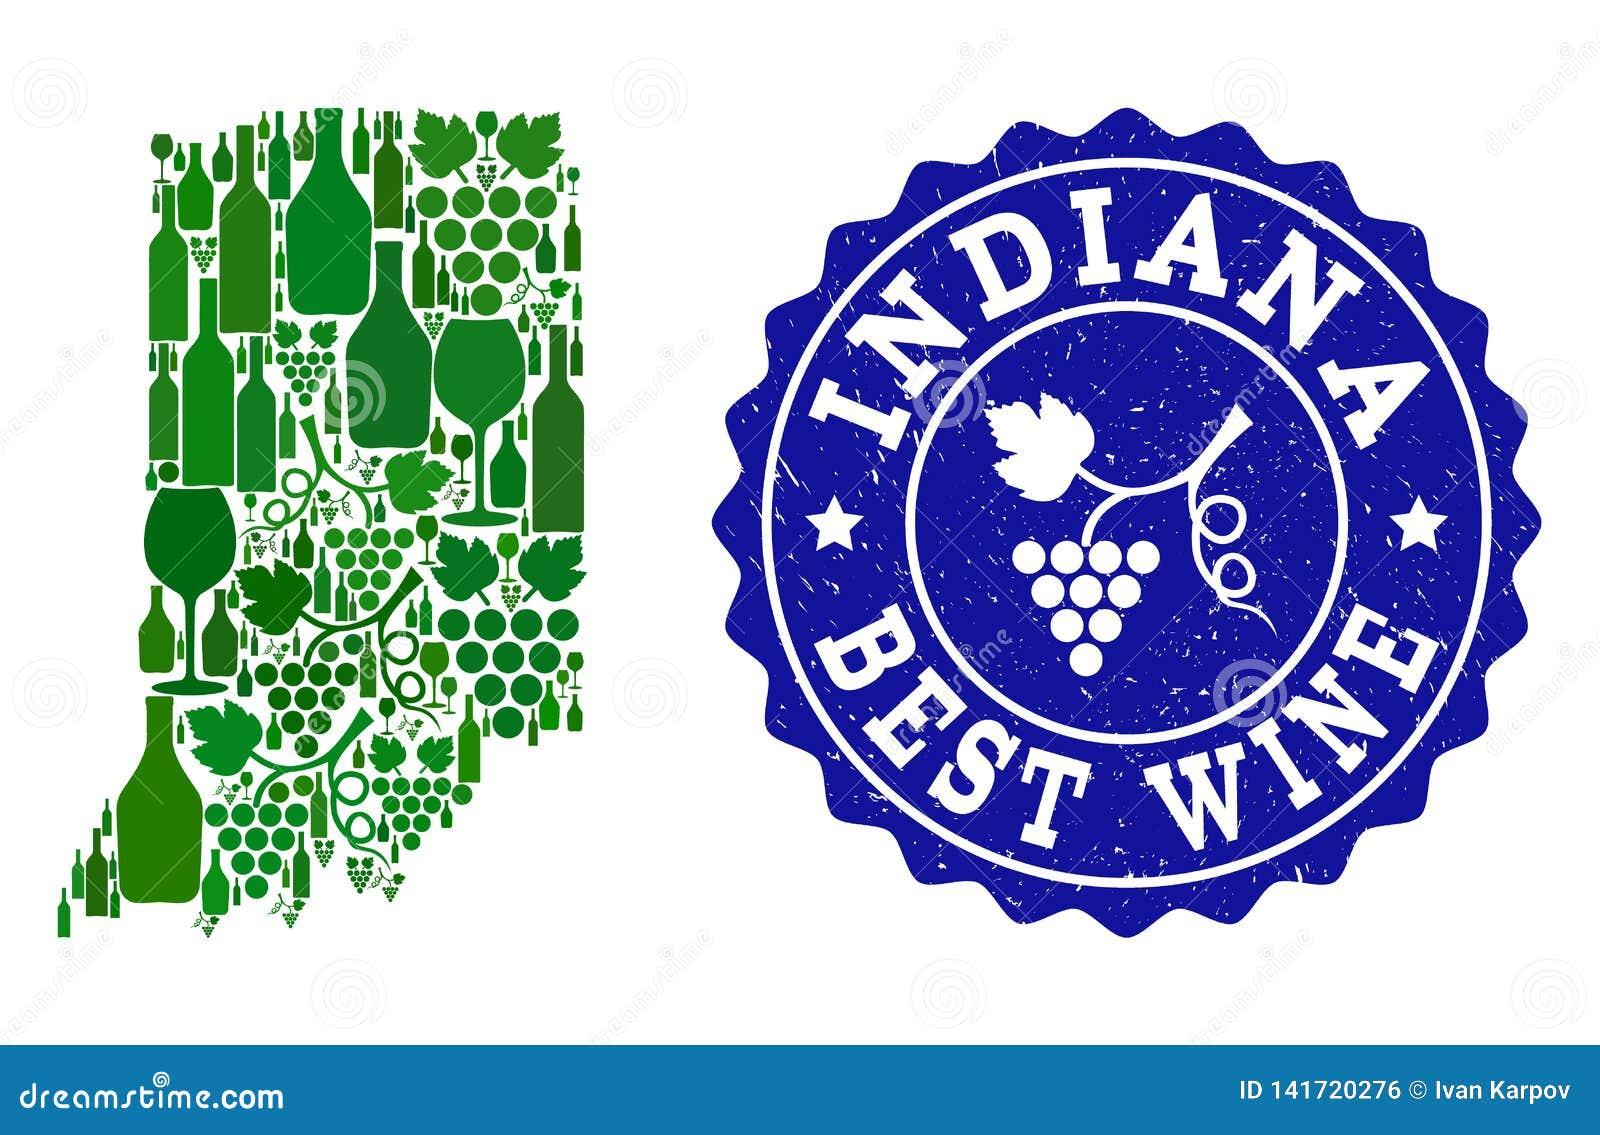 印第安纳州和最佳的酒难看的东西水印葡萄酒瓶地图拼贴画